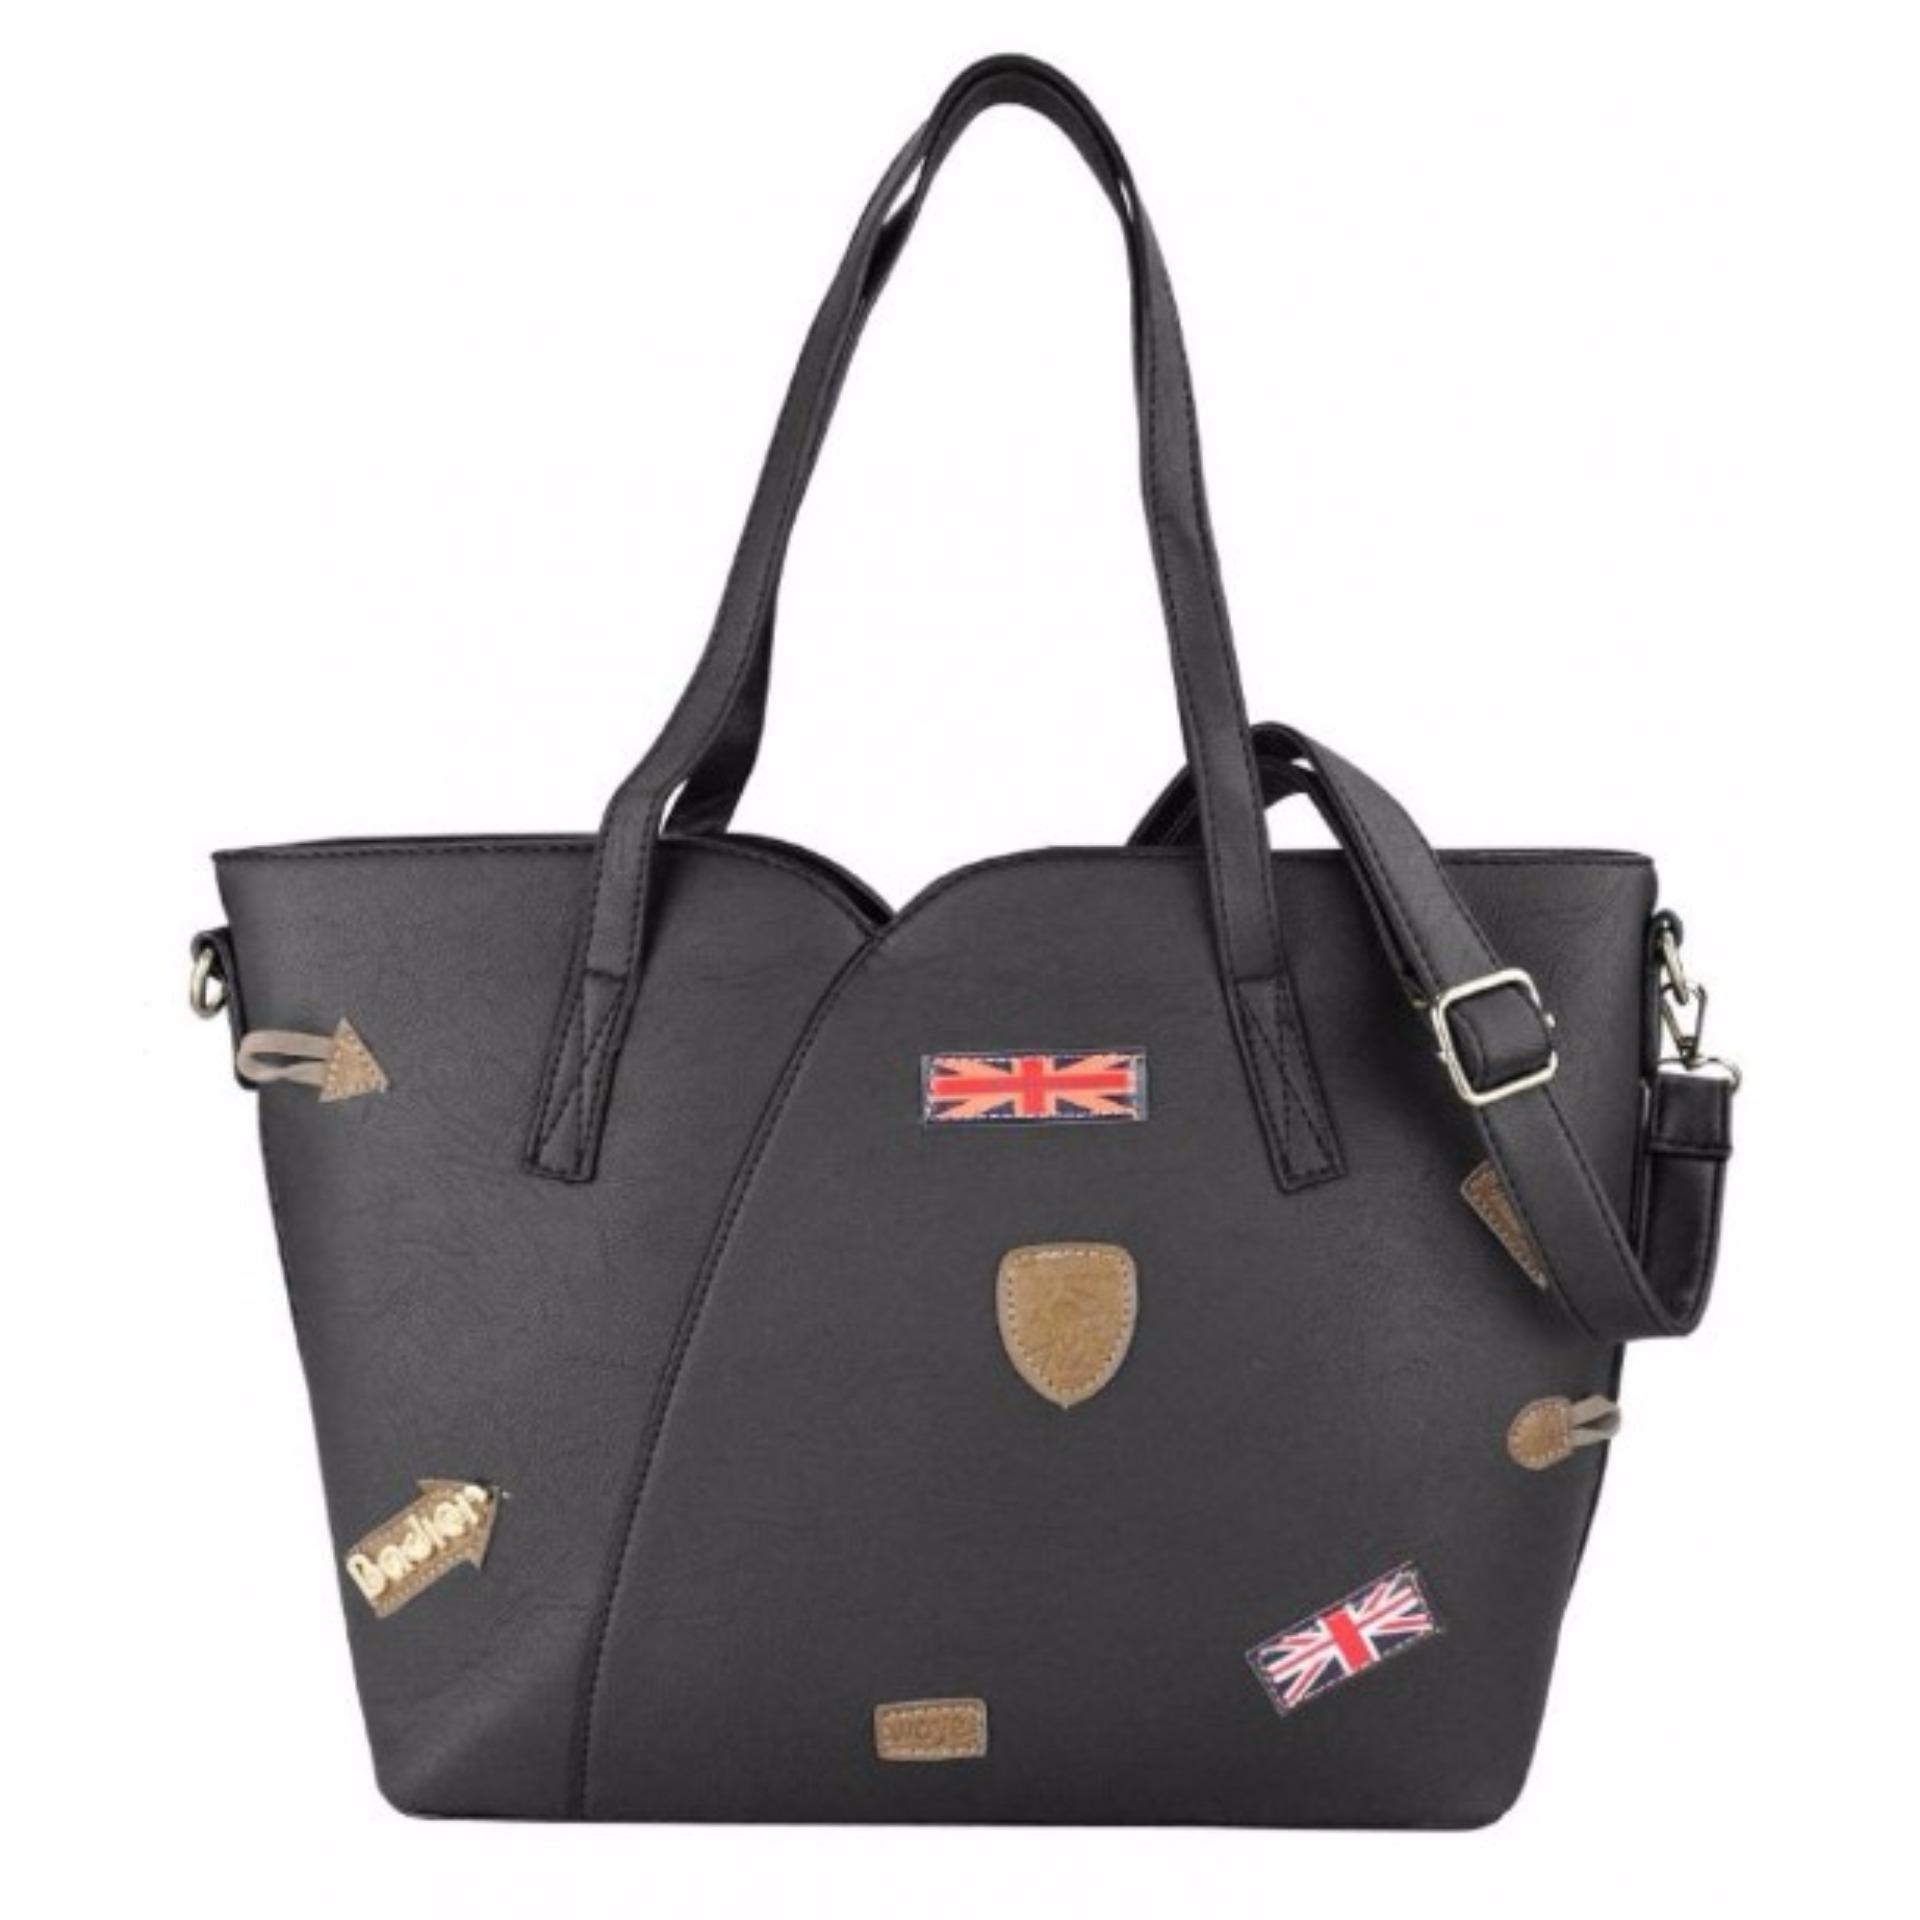 Leather Tote Bag Korean Fashion Badge Design Black Casual Bag Shoulder Bag  with Sling Office Bag School … e5331233934fc